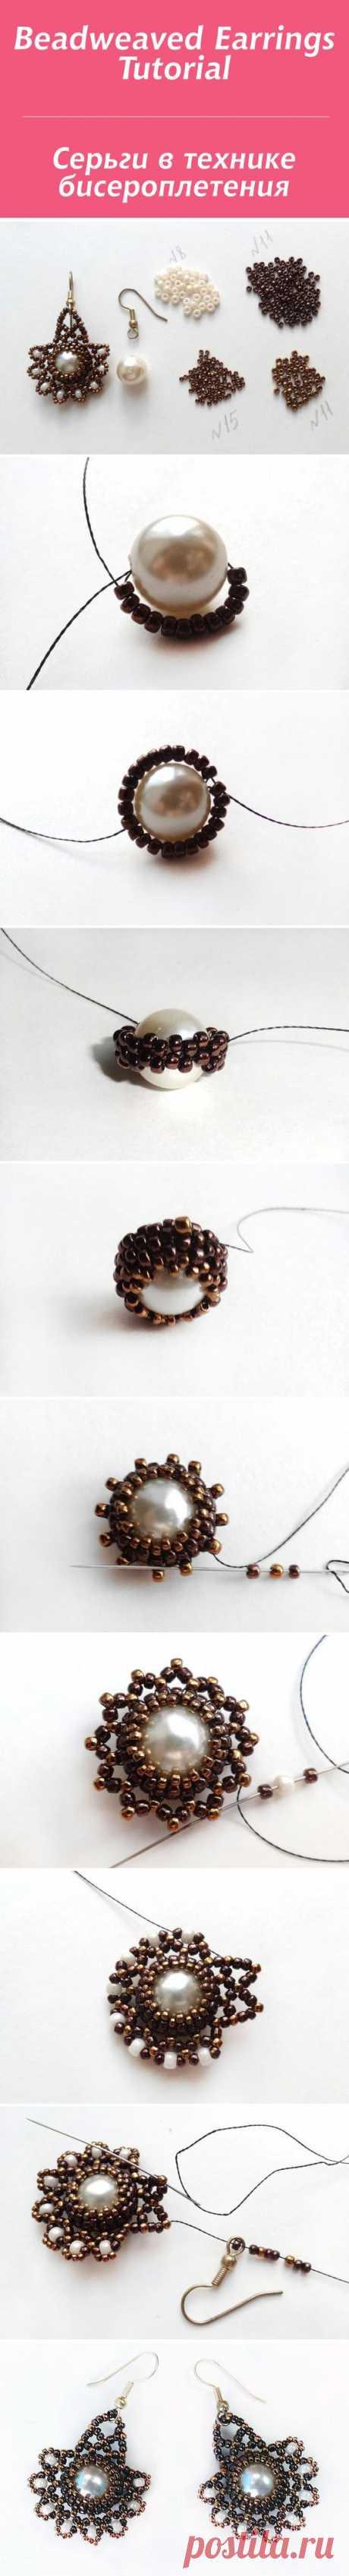 (1) We create earrings in the beadwork \/ Beadweaved Earrings Tutorial equipment   jewelry video